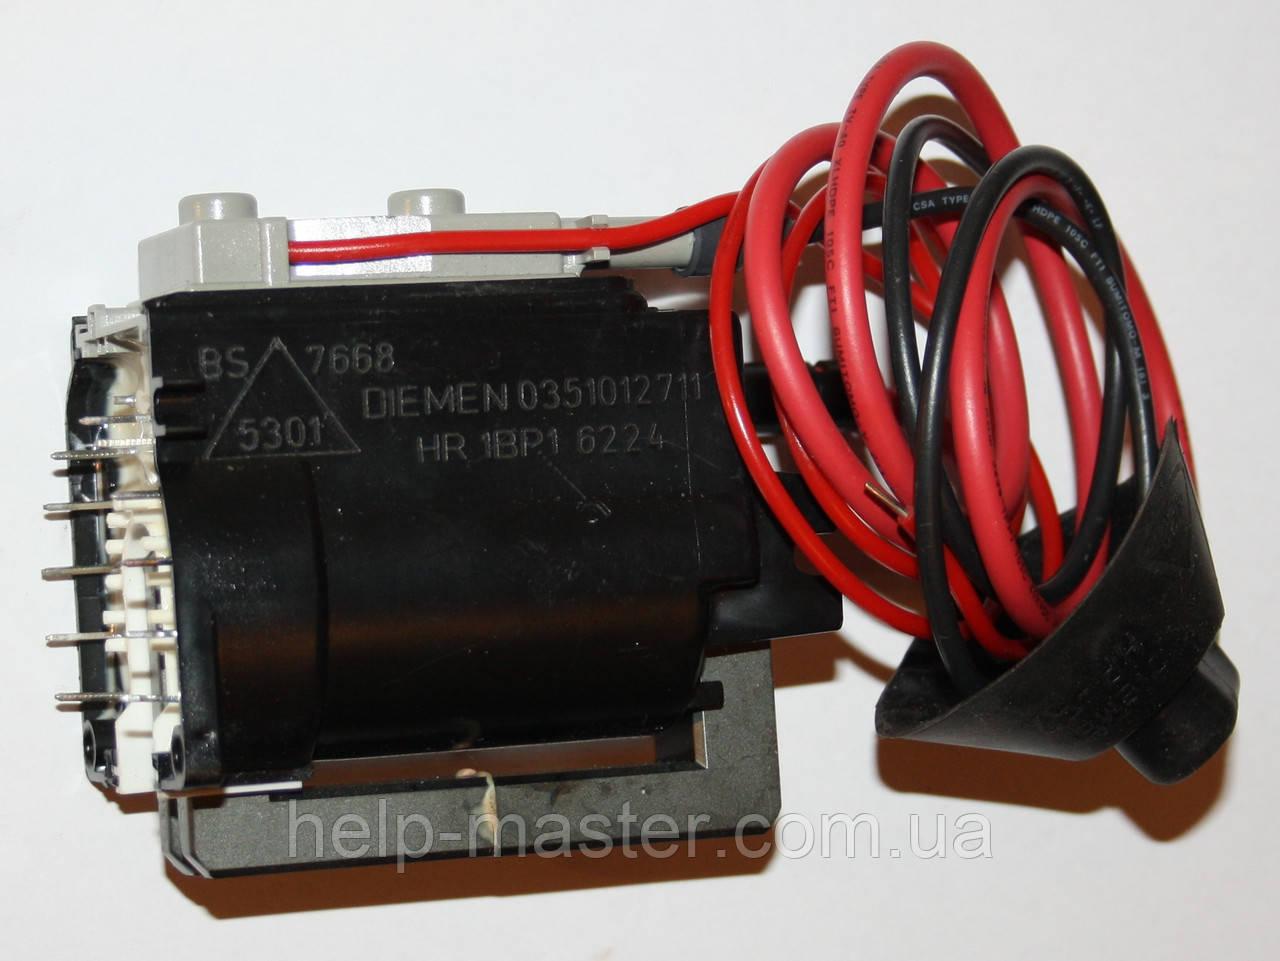 Строчный трансформатор для телевизора  HR6224